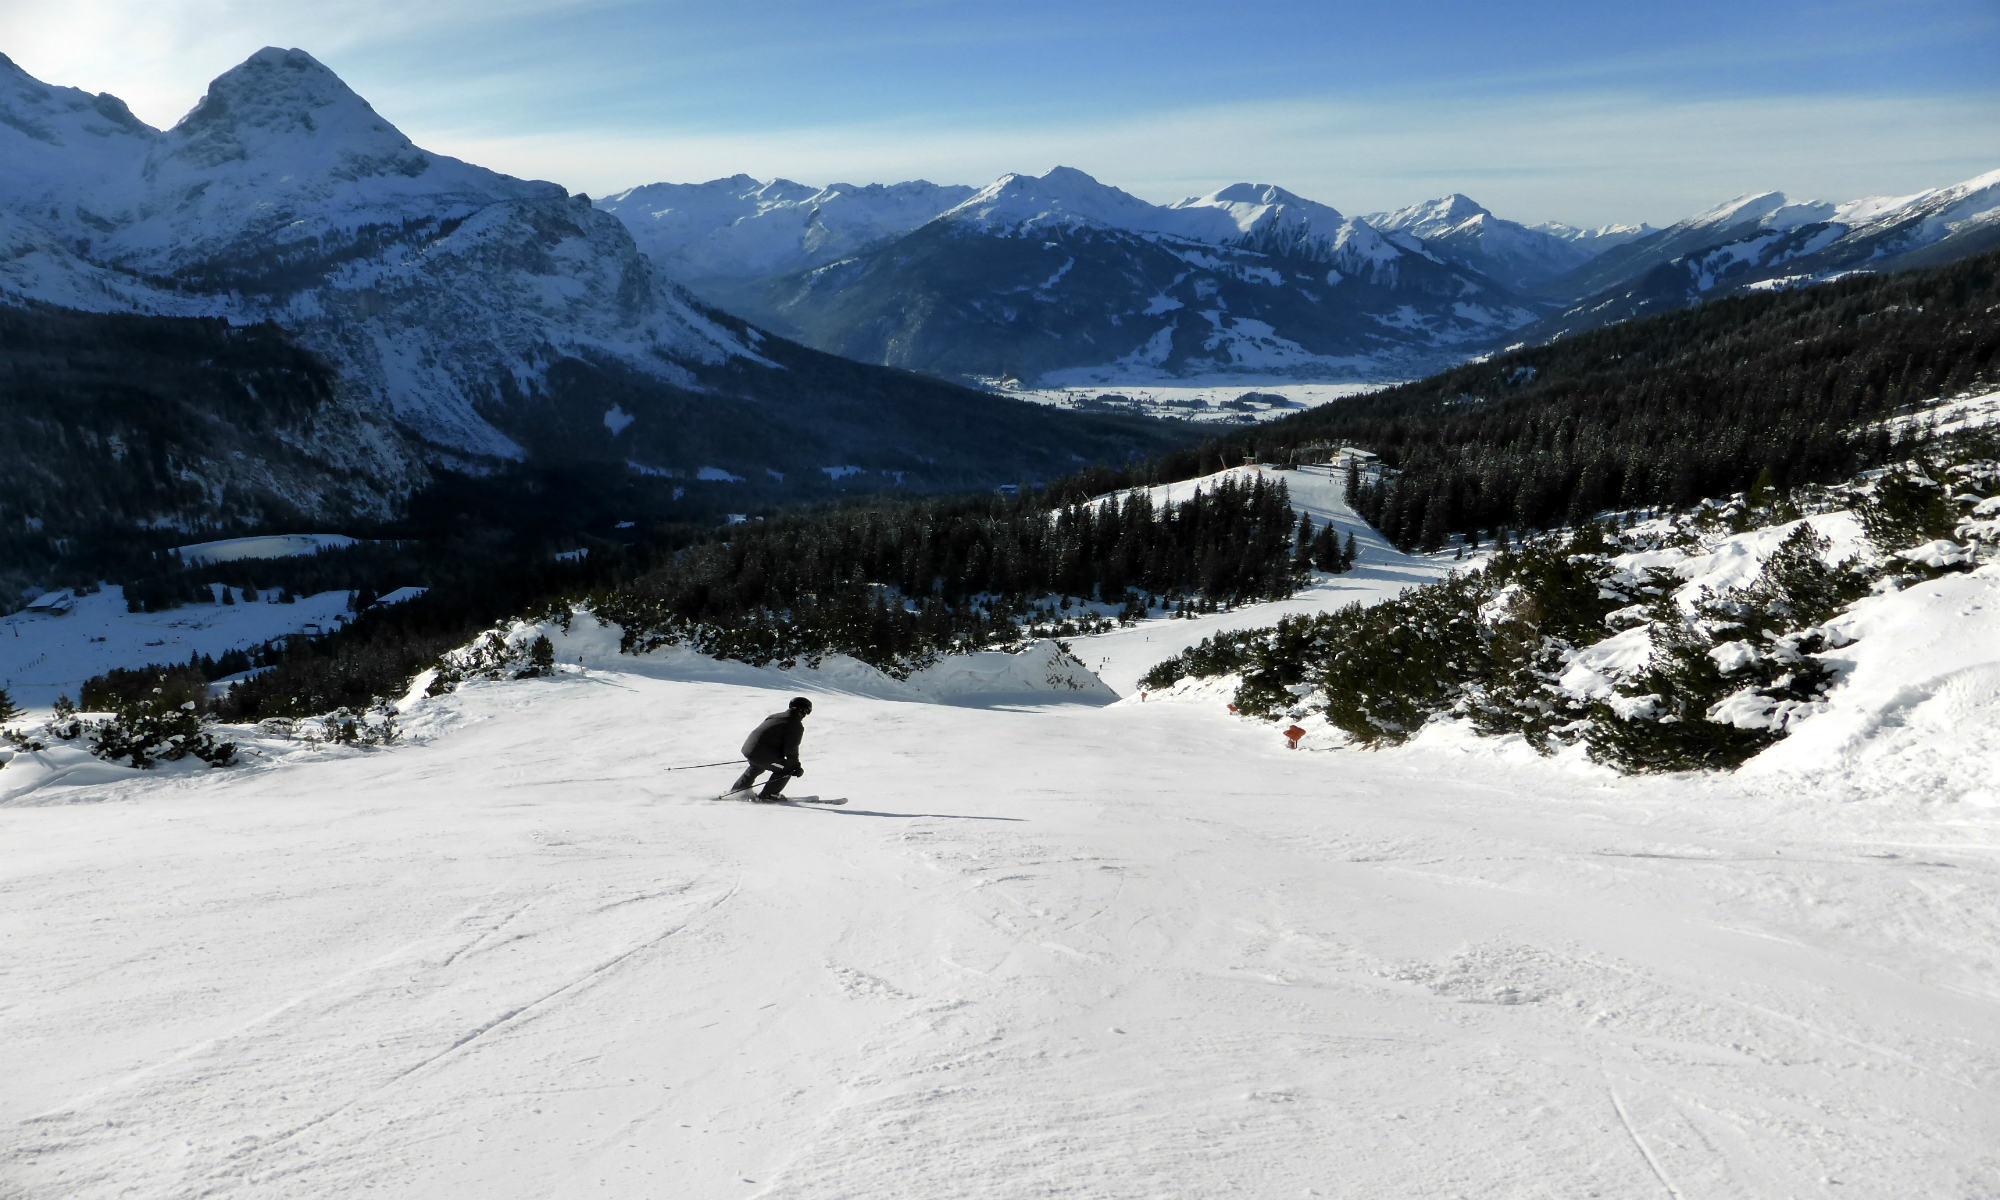 Prachtig uitzicht op het skigebied Alm, 1 persoon die naar beneden skiet.